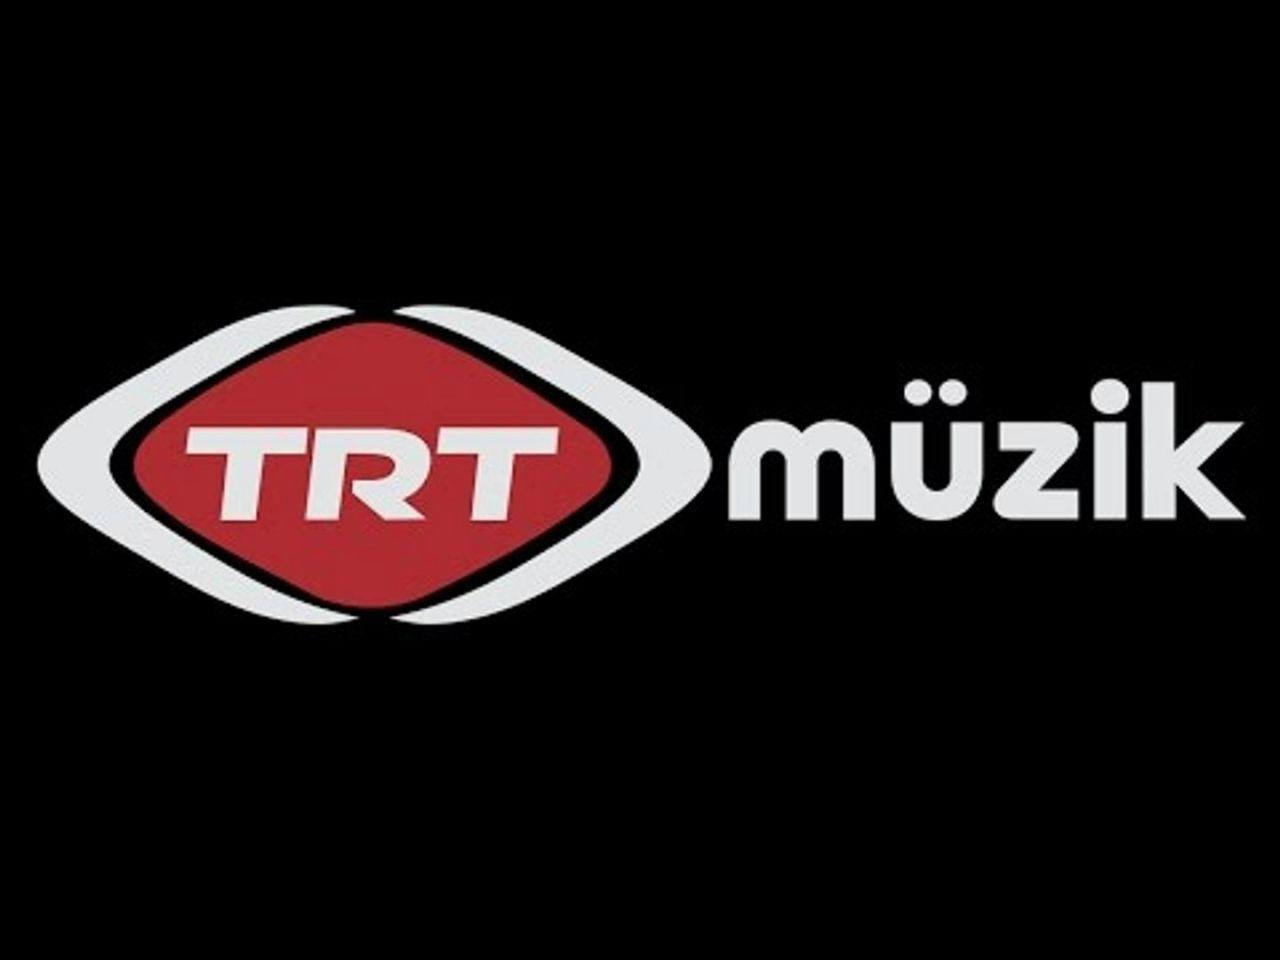 Yılbaşında TRT Müzik ekranında kimler var? - Sayfa:1